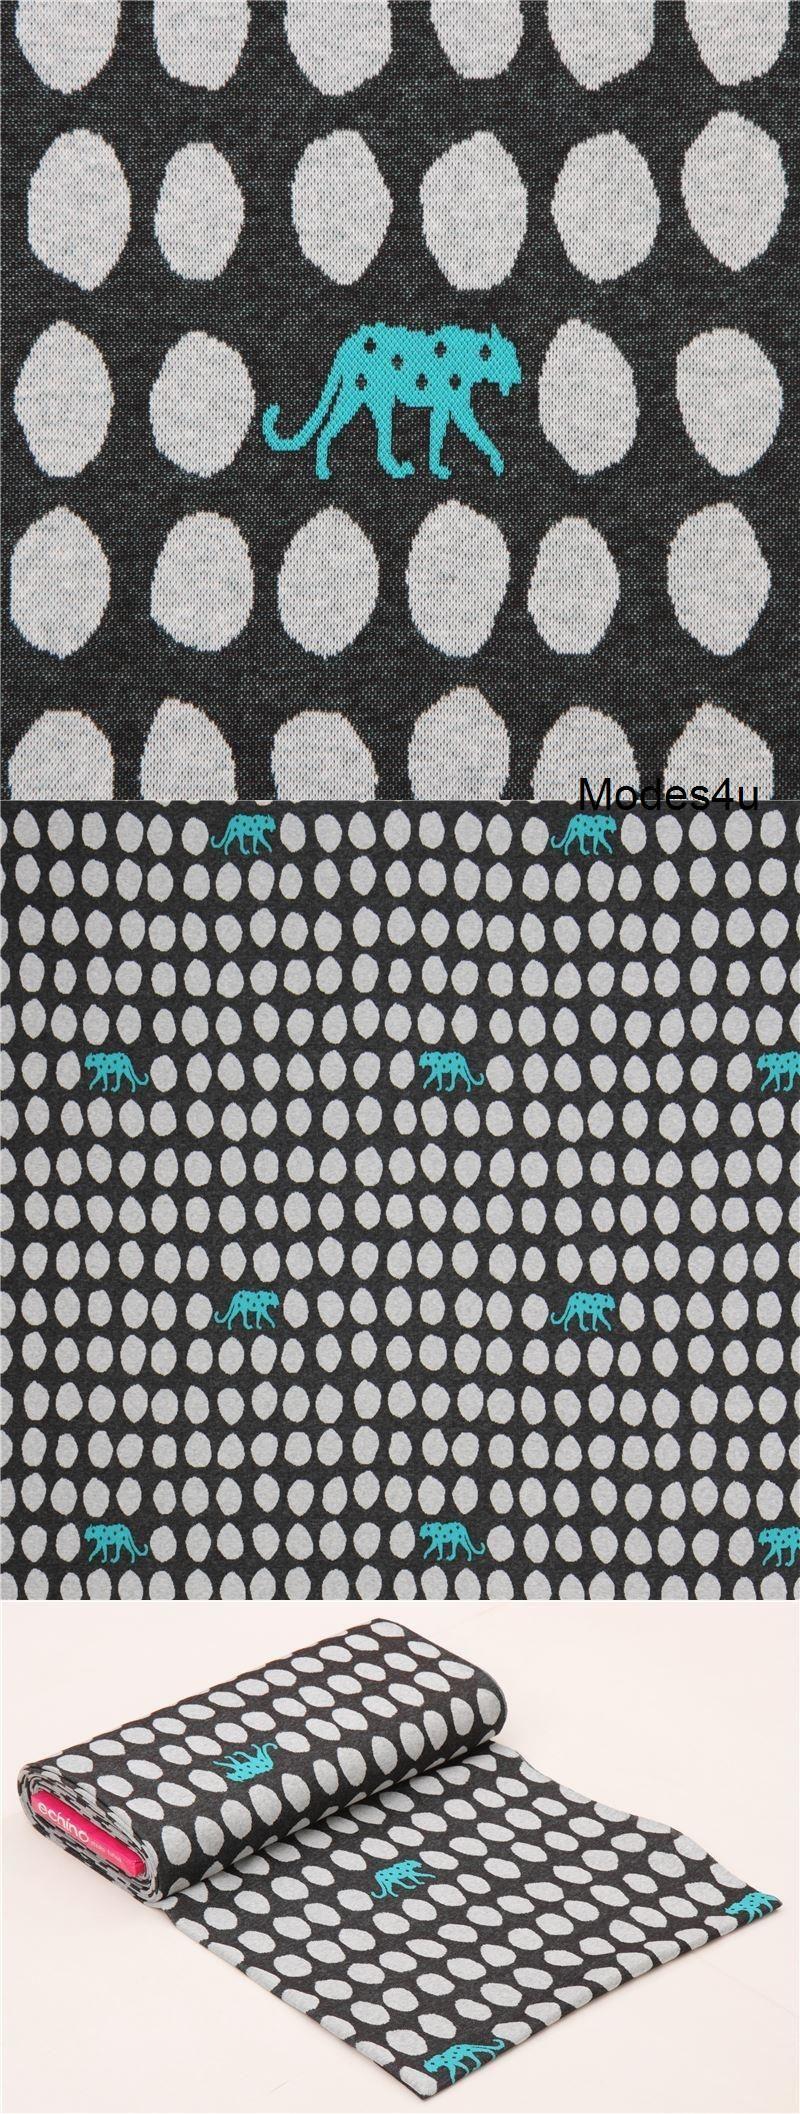 Pin Von Modes4u Auf Kinderstoffe De Gepard Stoff Design Stoff Bestellen